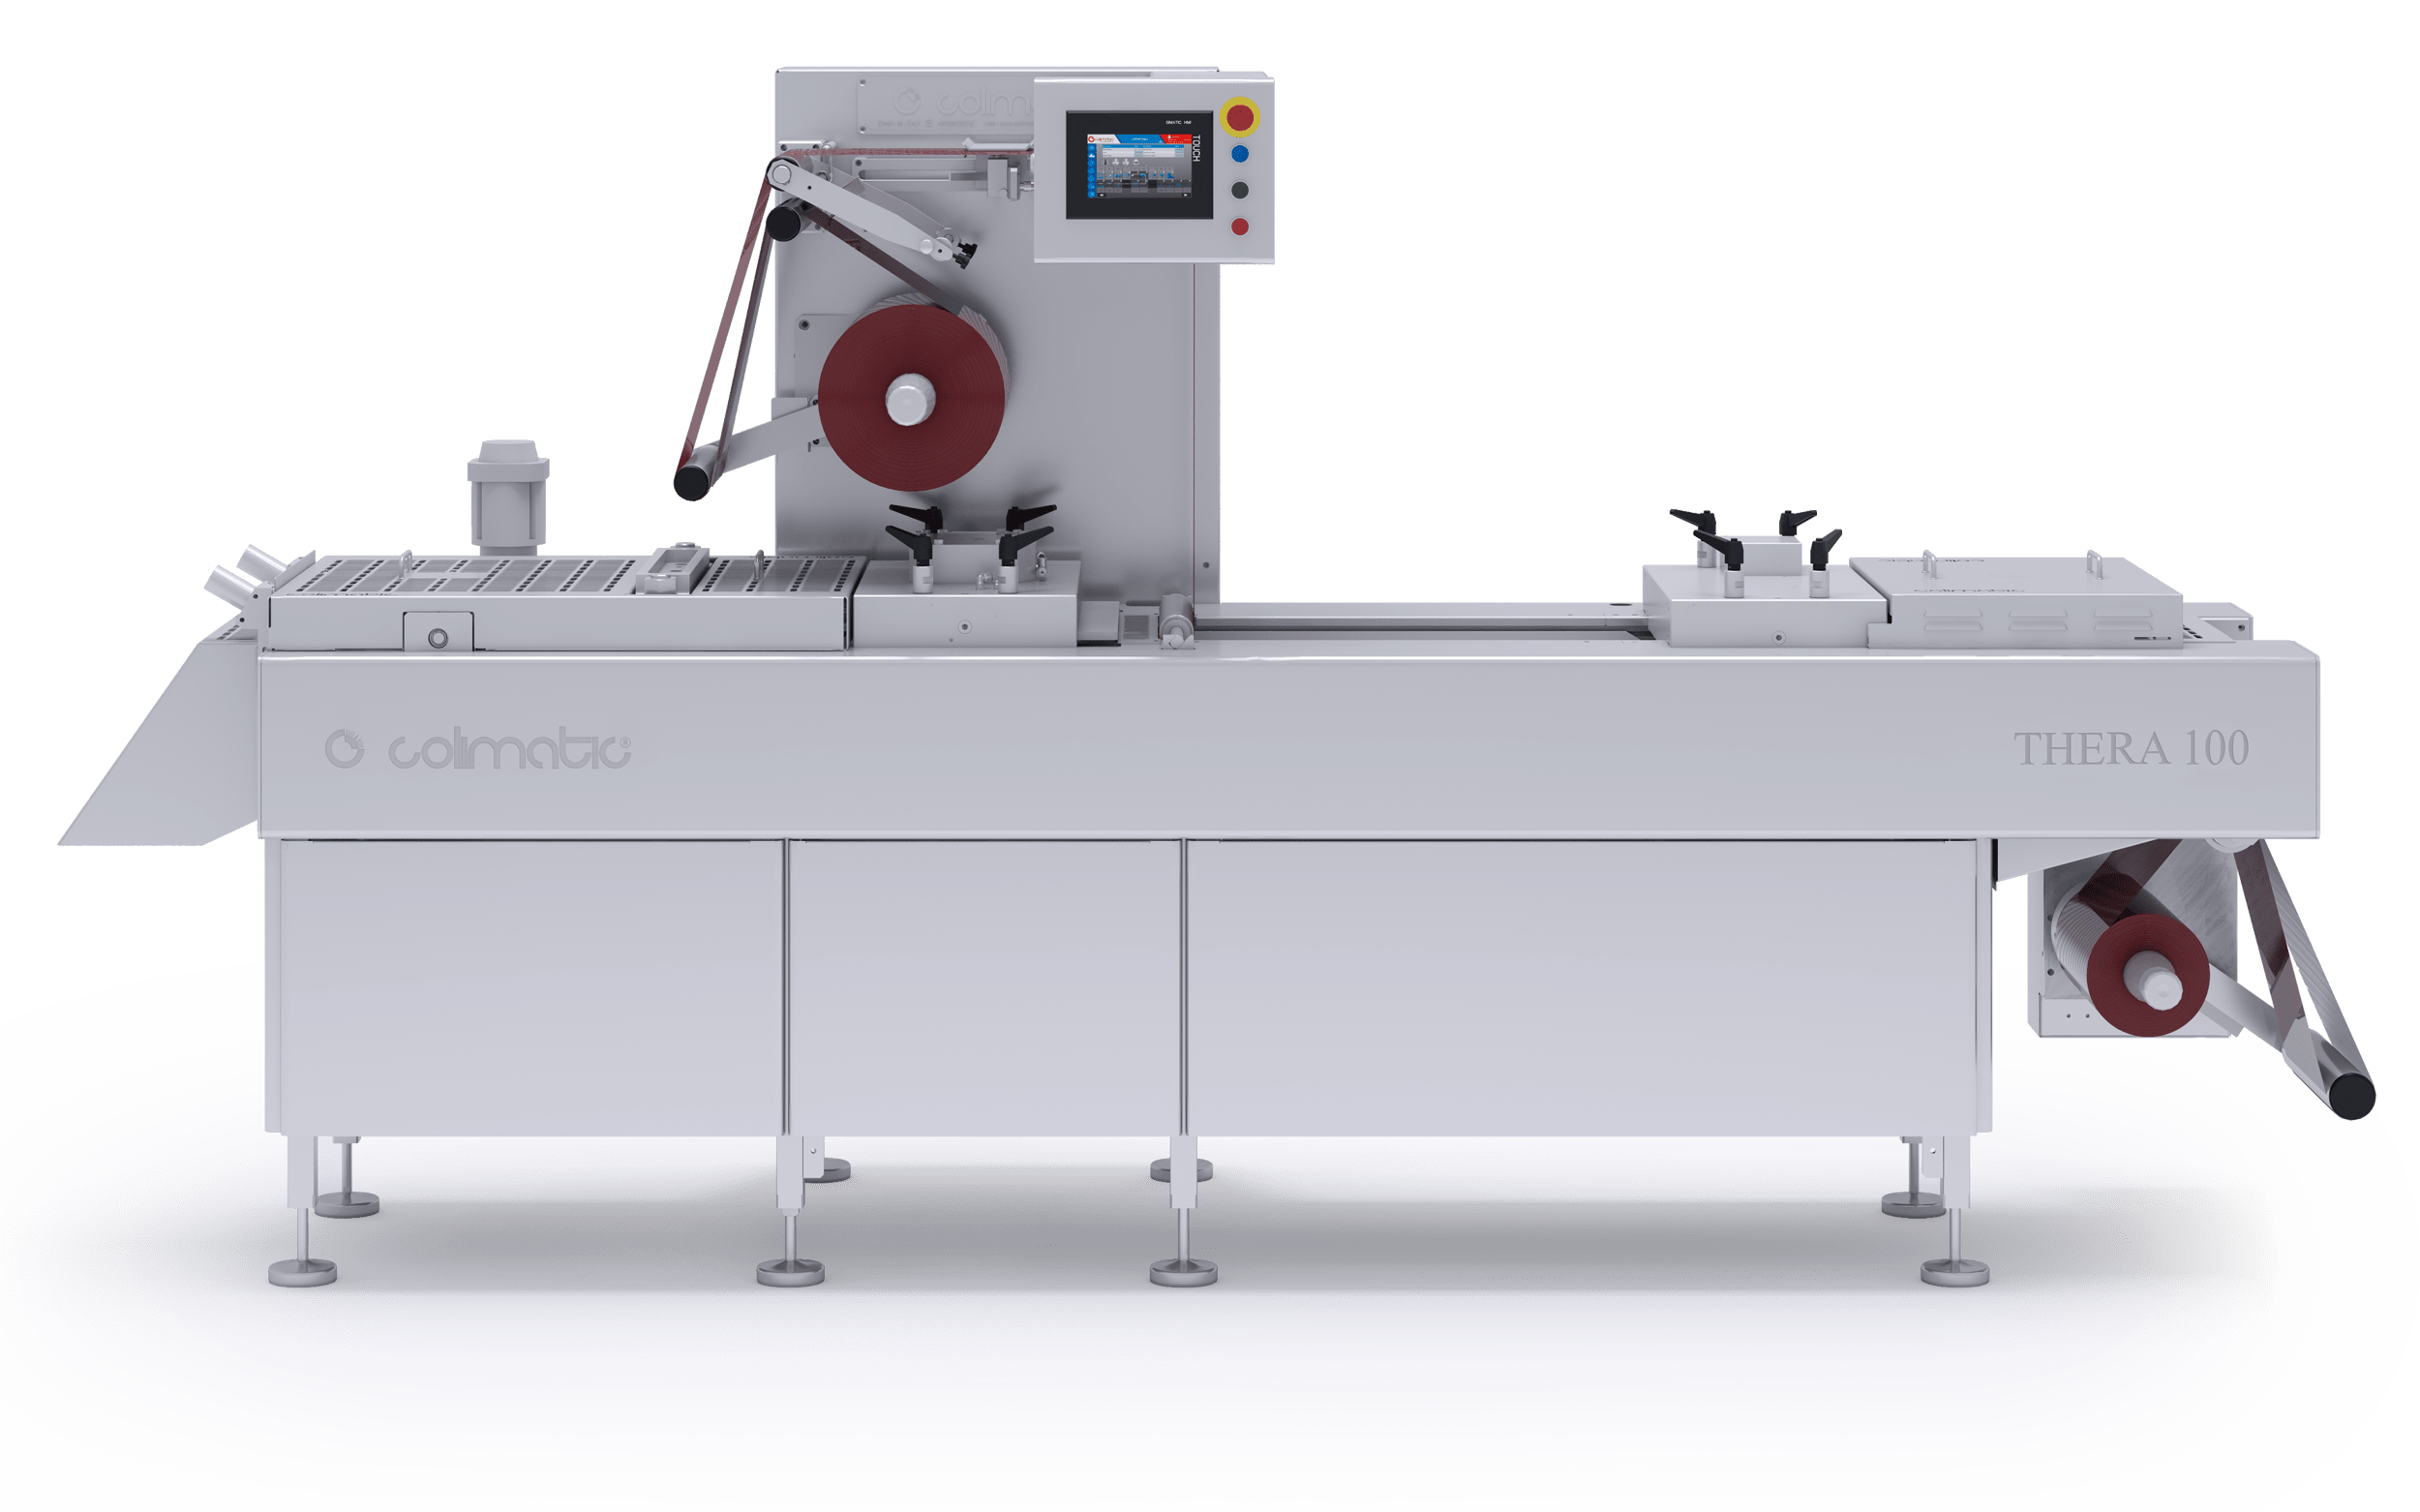 Termoformatrice thera 100 - Colimatic termoformatrici industriali